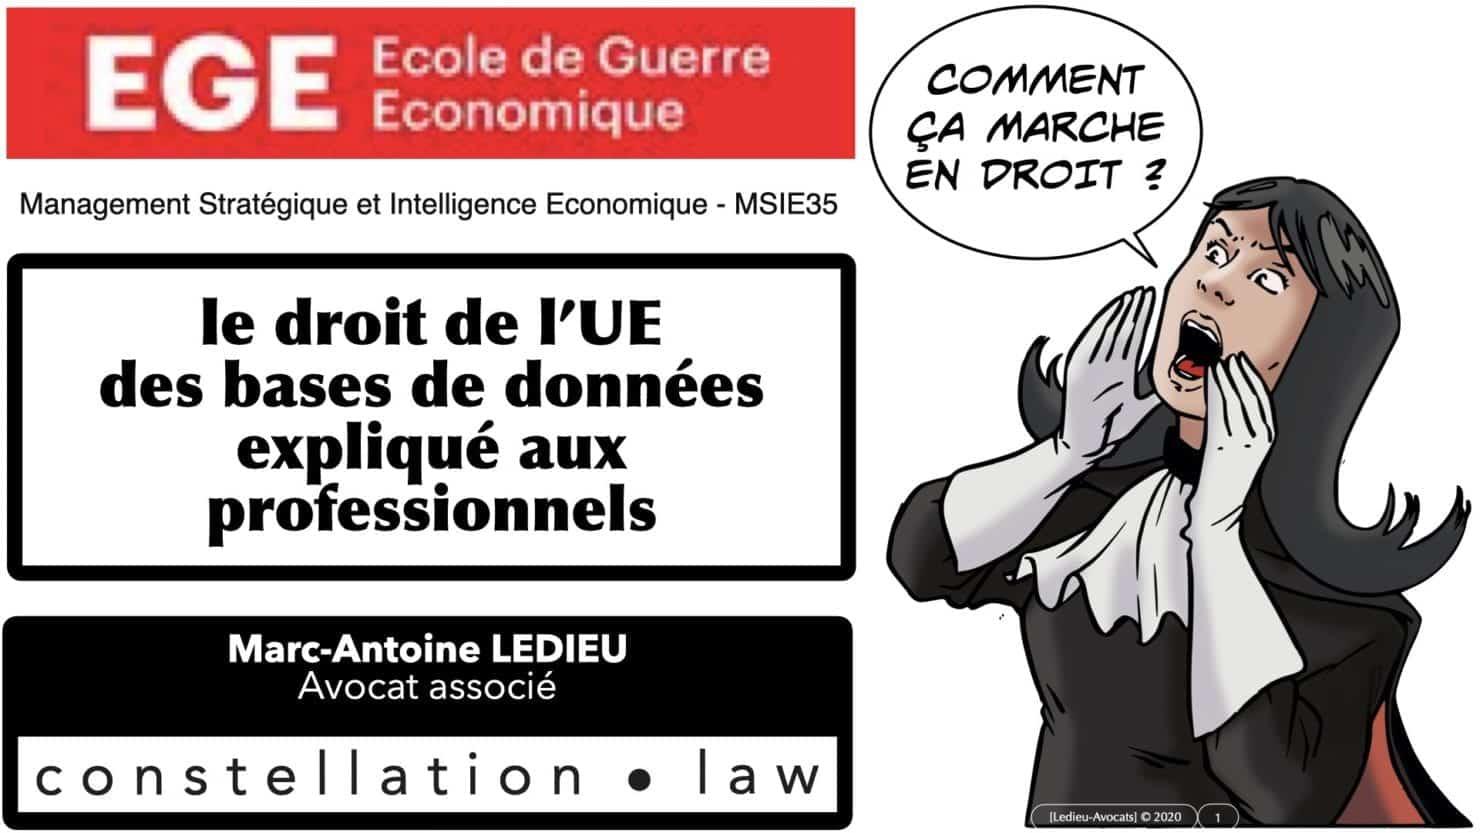 #EGE le droit de l'UE sur les bases de données #MSIE35